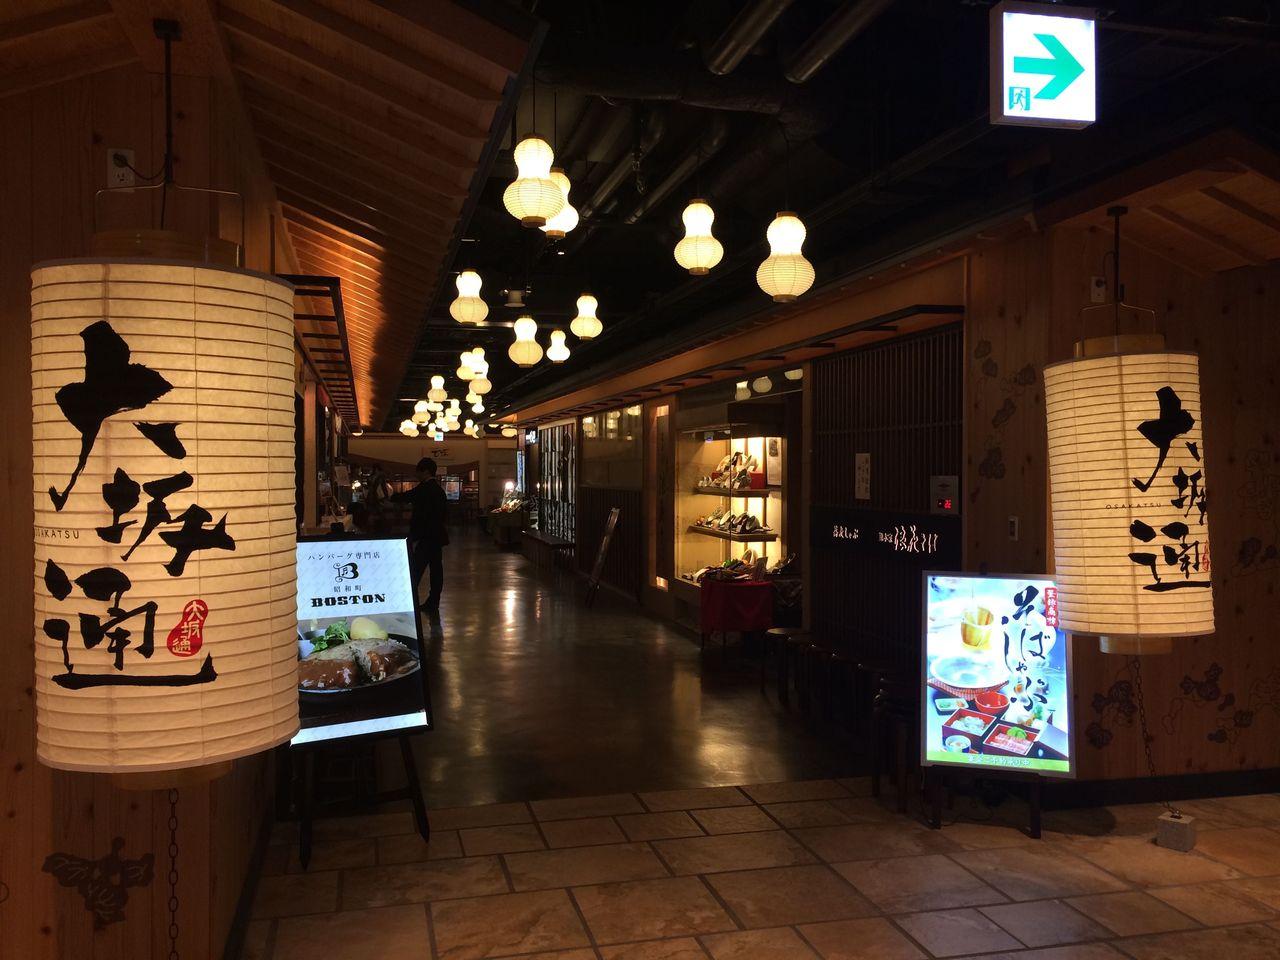 大坂通@abeno harukas dining-2